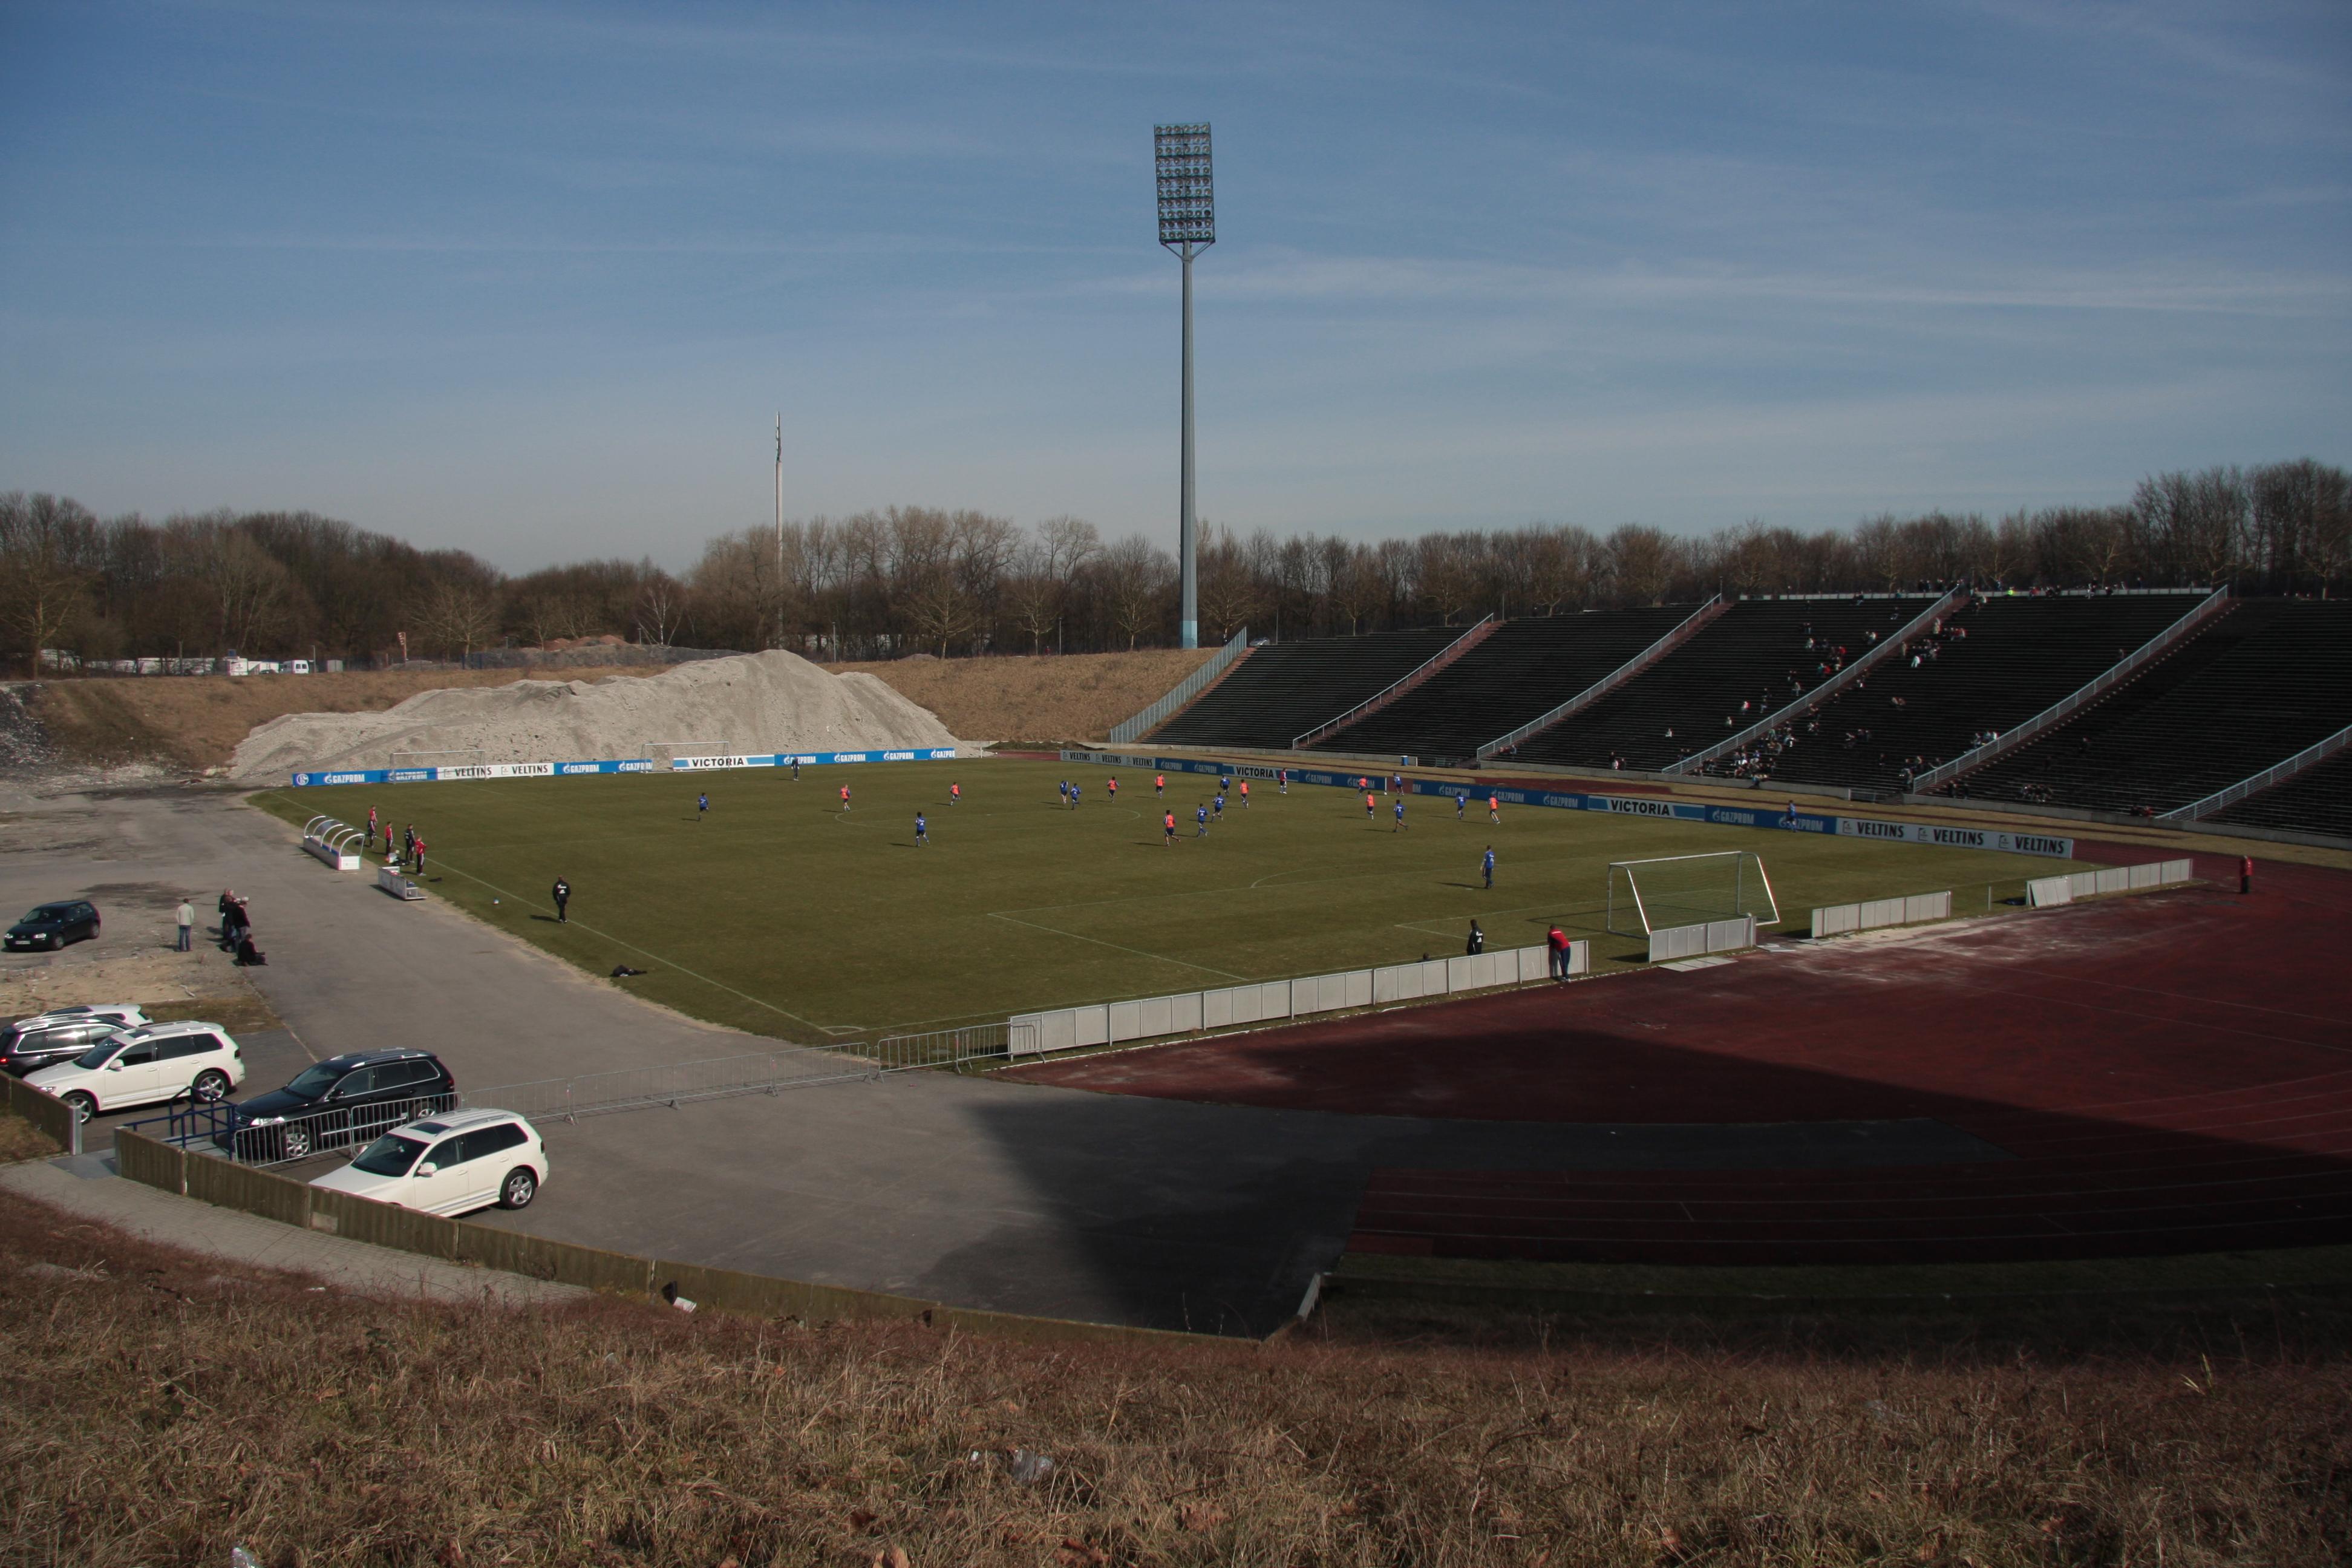 Пеле, Росунда, футбол. Стадионы Евро, которых больше нет - изображение 2